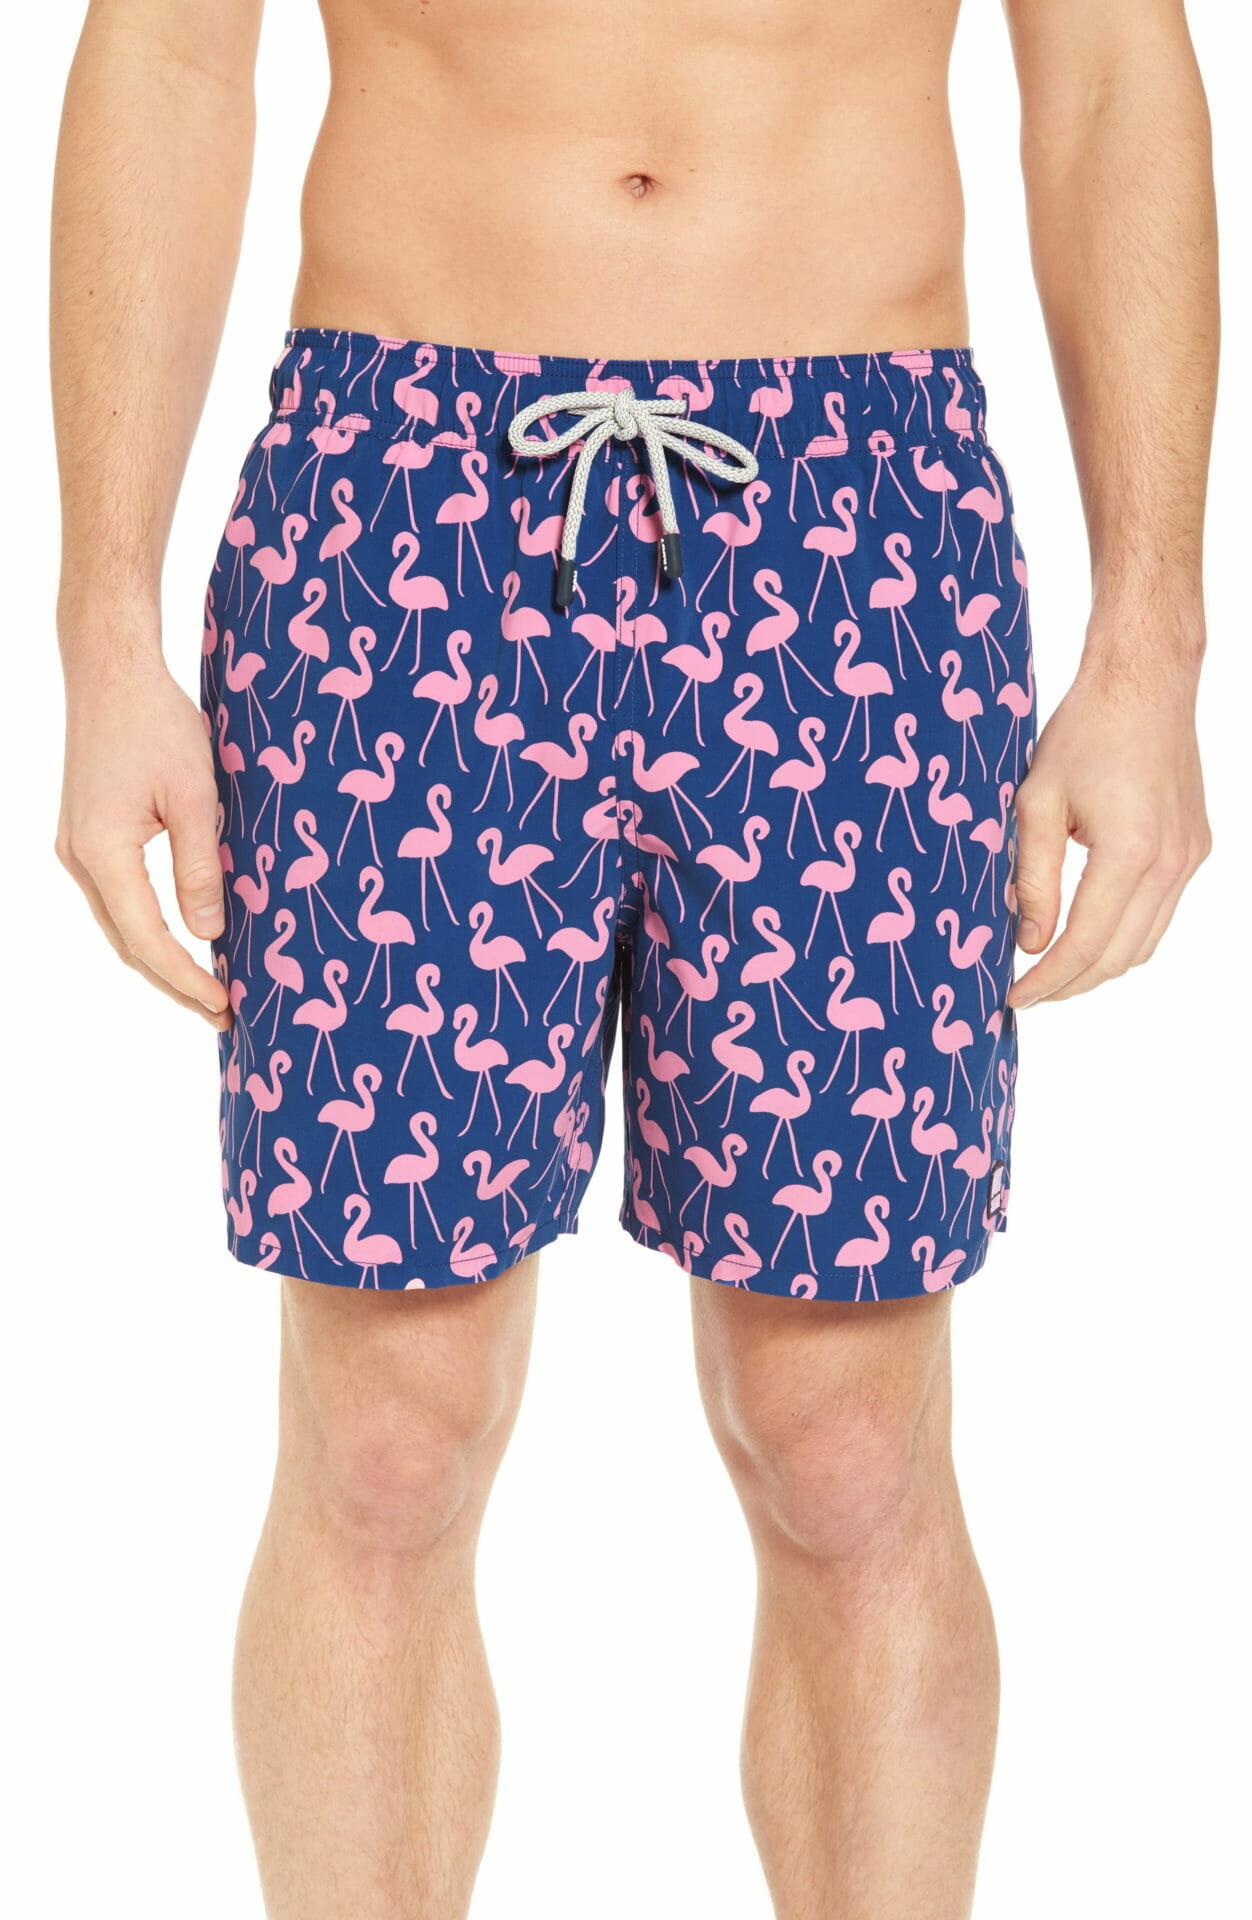 TOM & TEDDY Flamingo Print Swim Trunks, Main, color, ROSE / BLUE